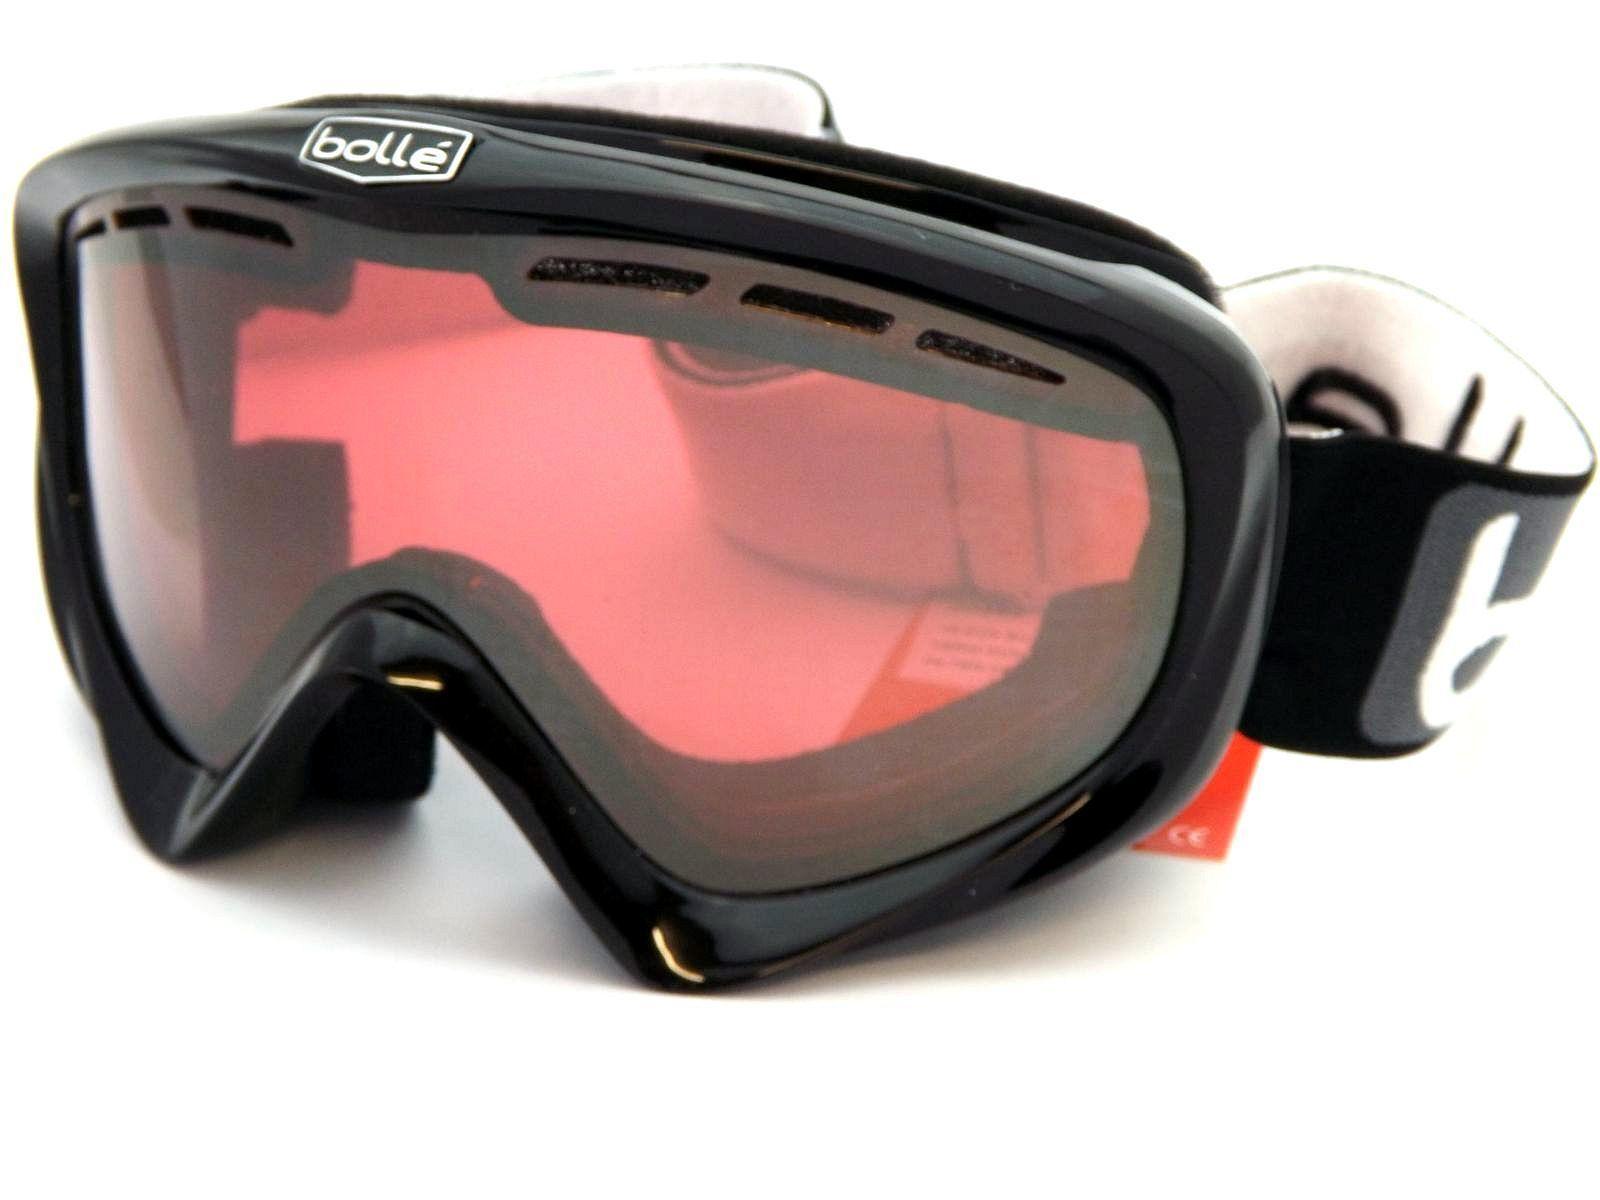 Bolle Überbrille Y6 OTG Ski Schneebrille Schwarz / Vermillon 20492 Waffe Spiegel 20492 Vermillon ef6f0e